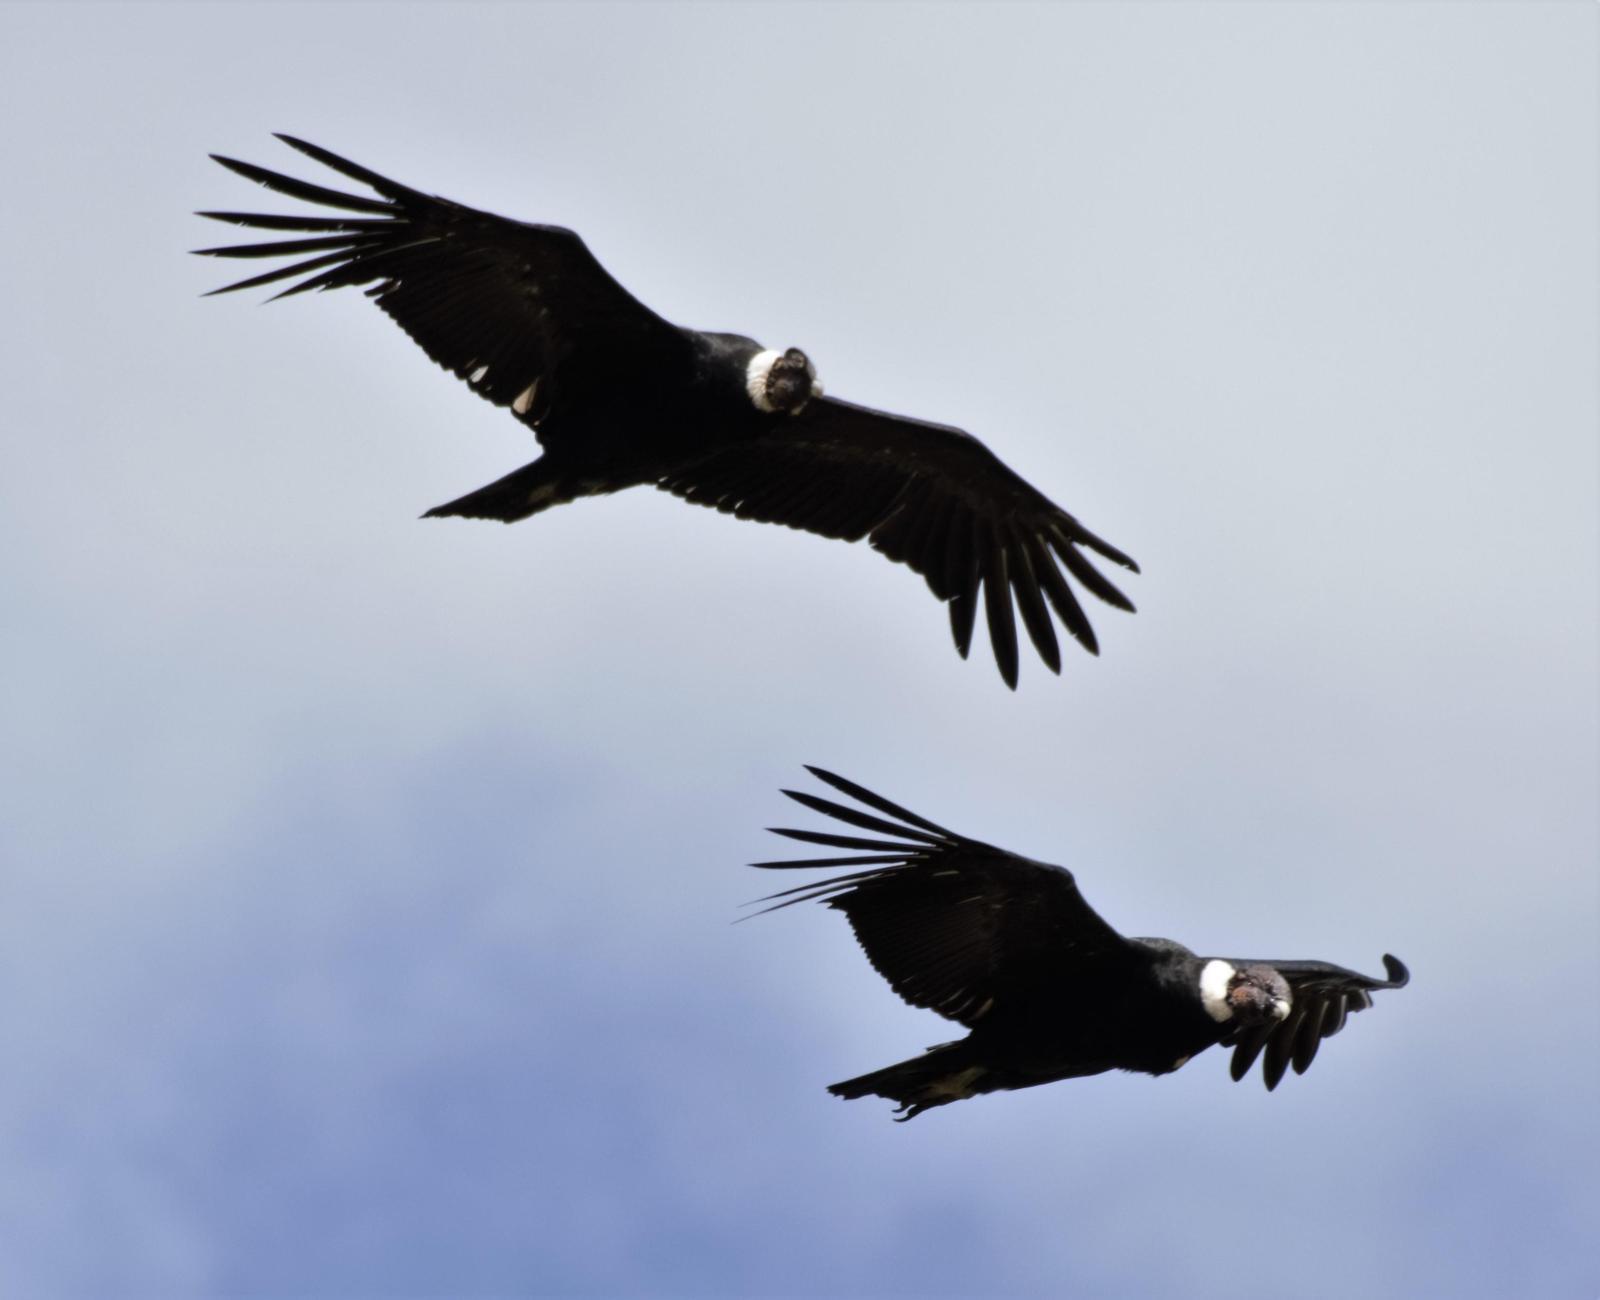 Andean Condor Photo by Erik Ostrander